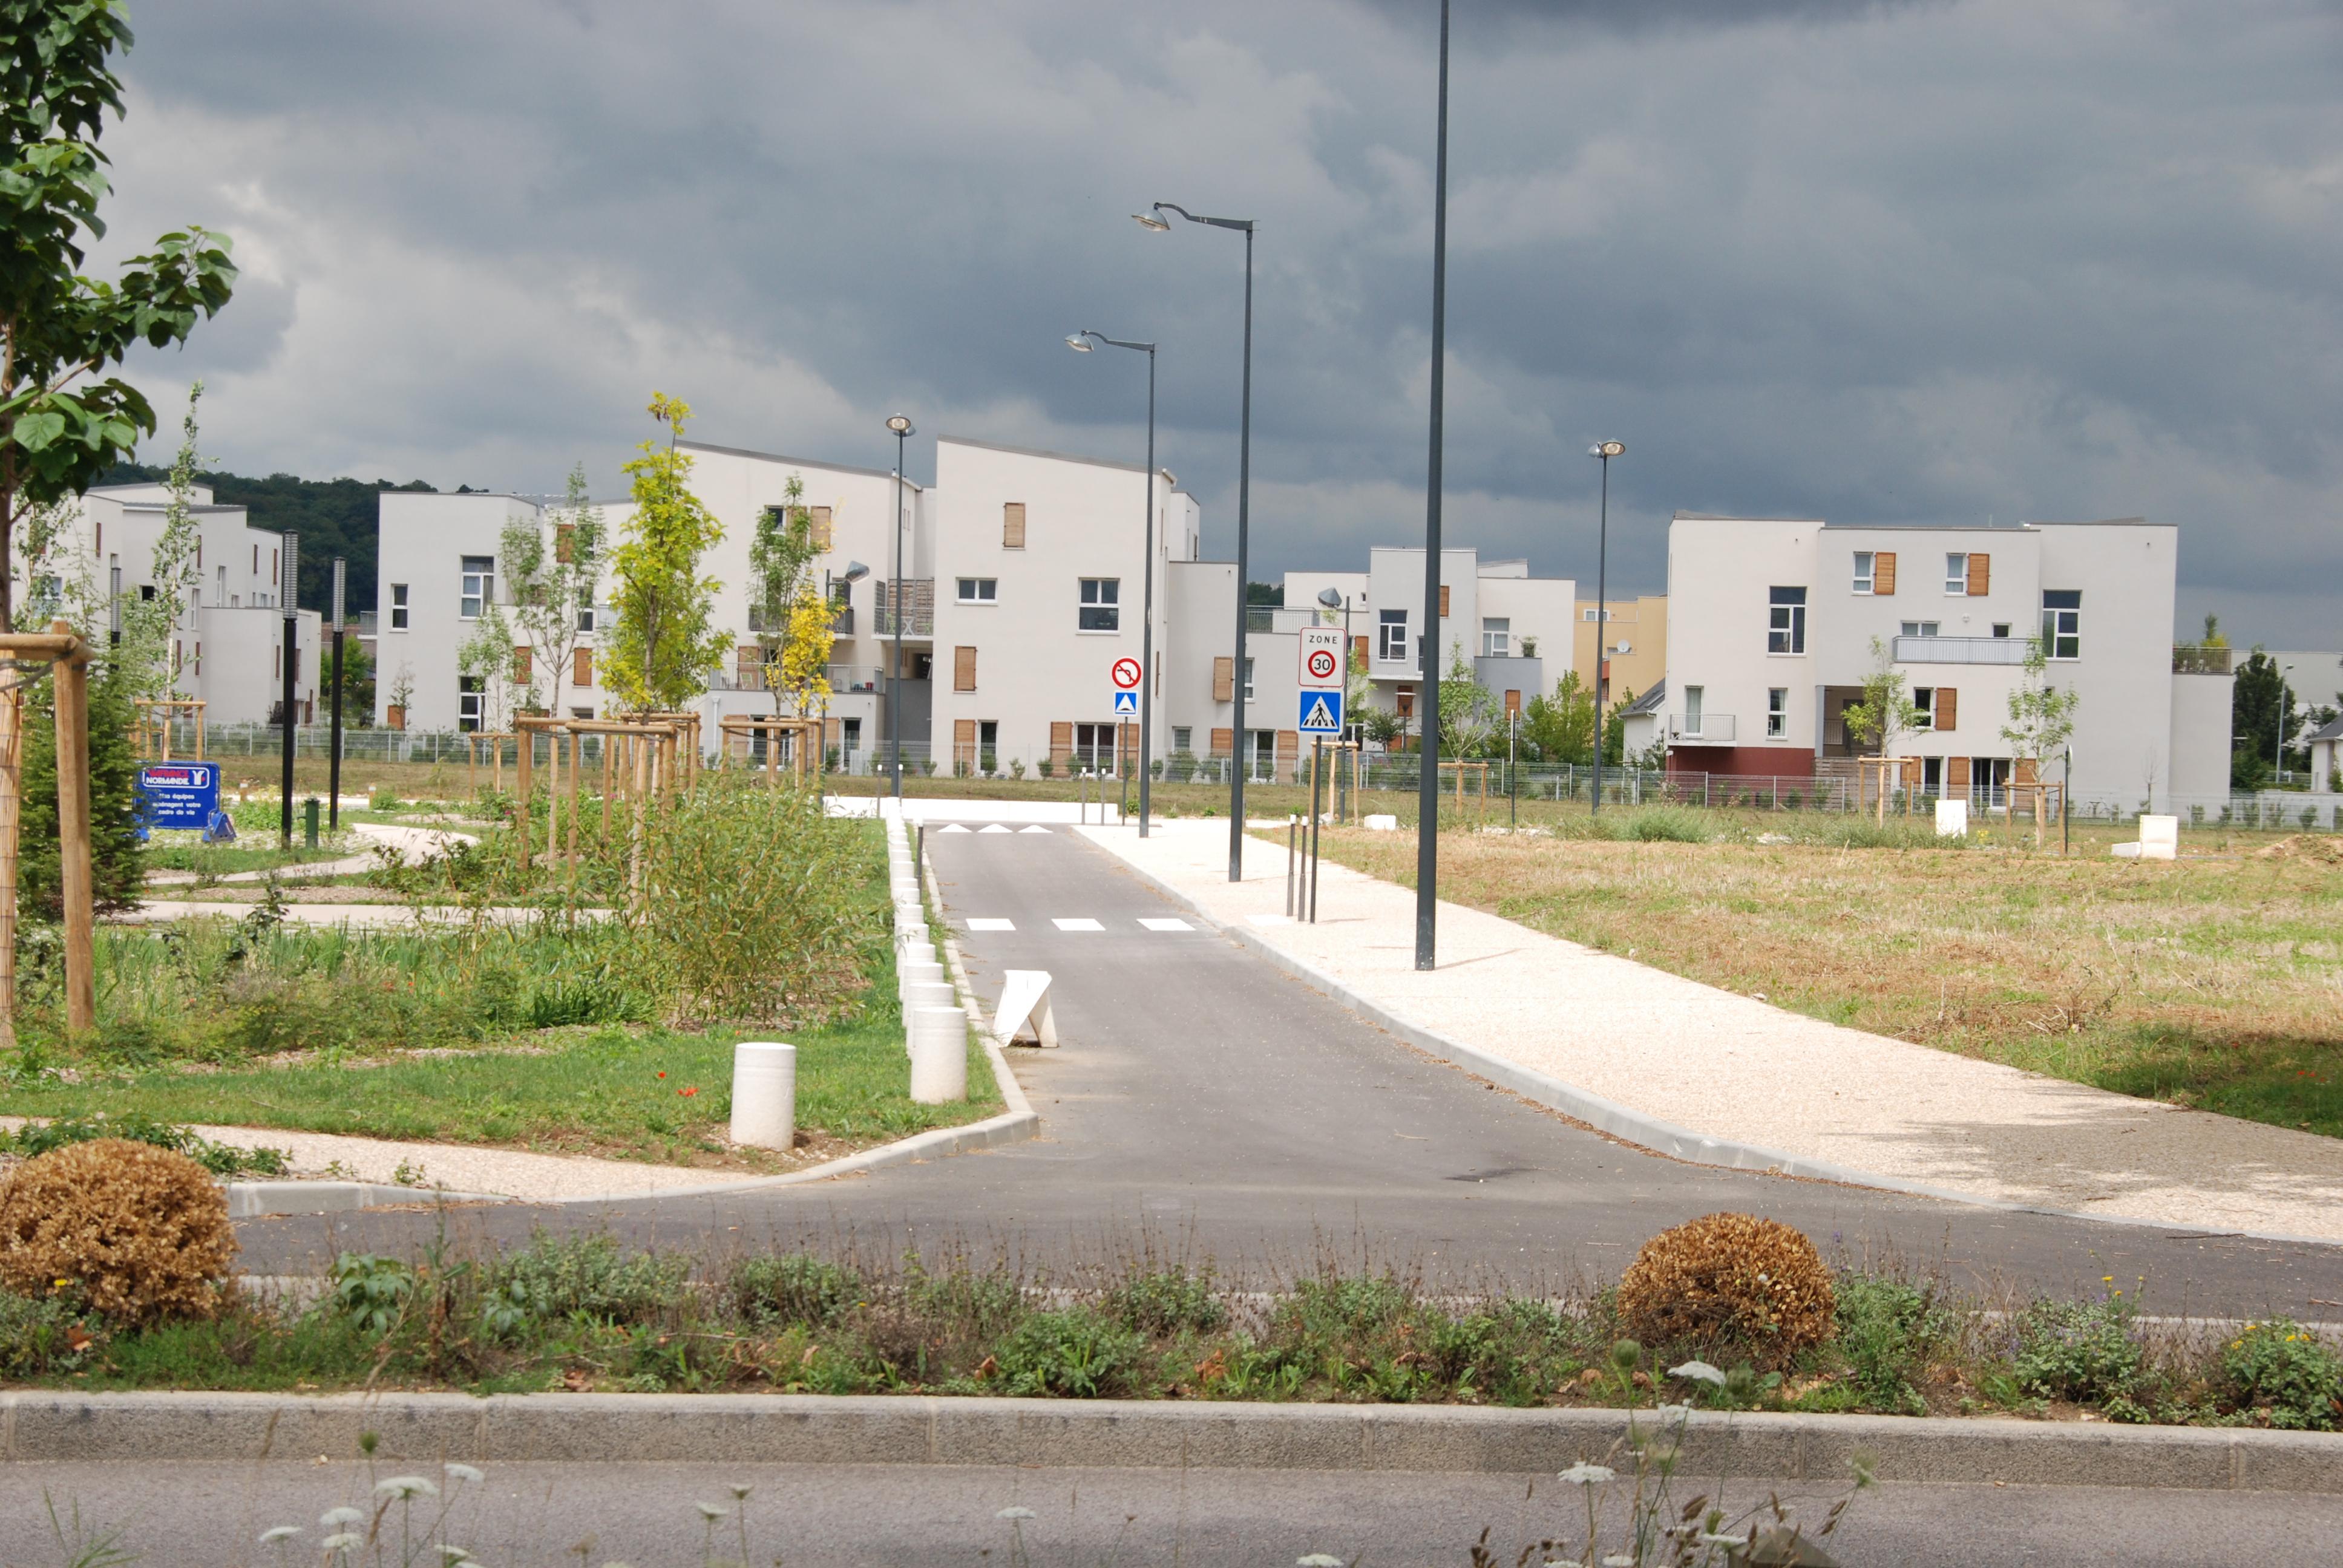 Un dossier «Spécial immobilier à Val-de-Reuil» auquel ni l'Express ni le Nouvel Observateur ont eu accès.